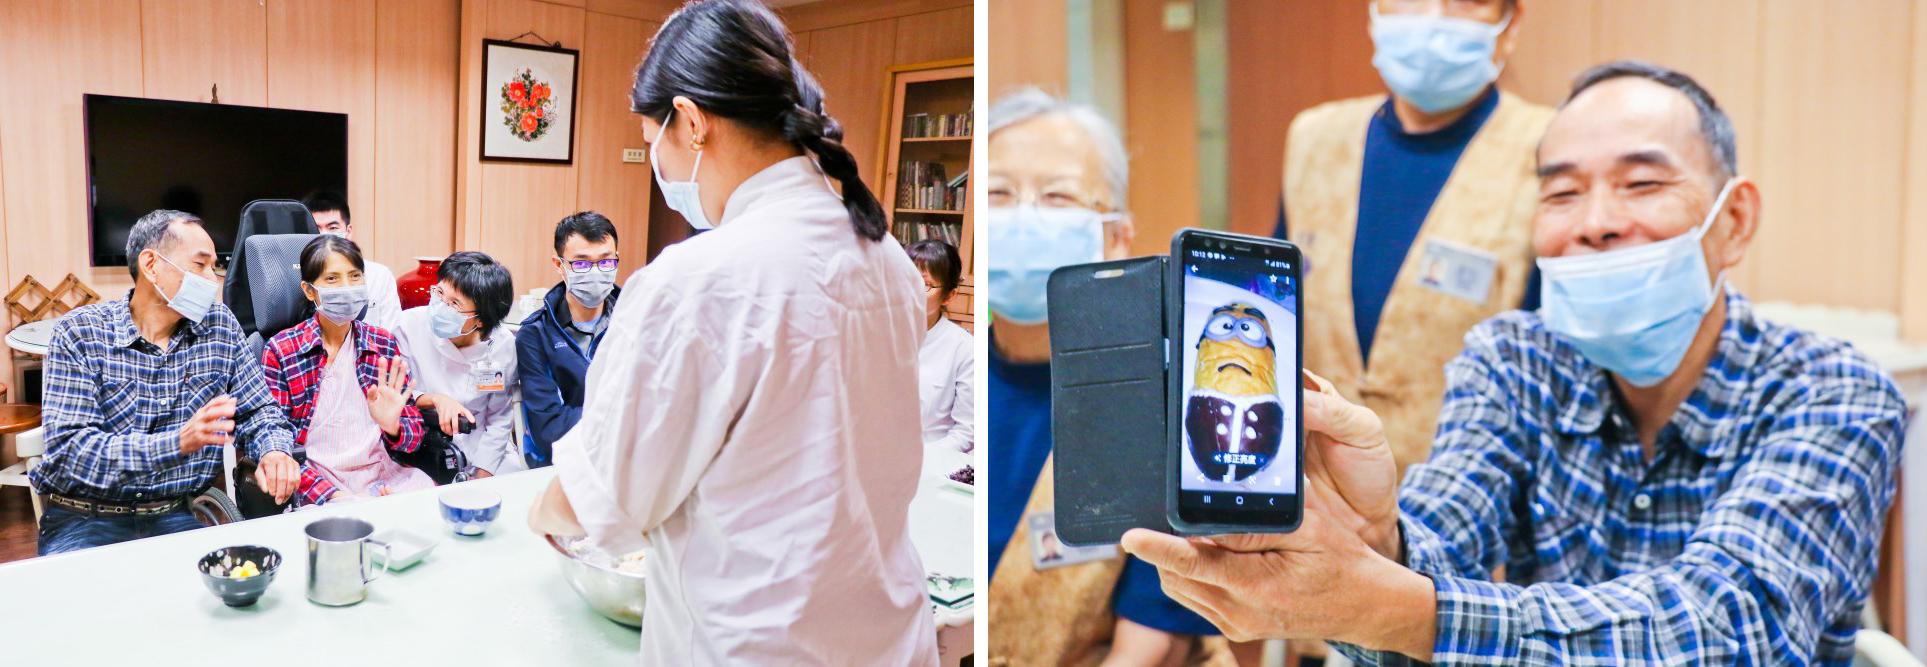 心蓮病房團隊投入「收藏麵包的記憶」圓夢活動,讓小佩在父母面前展現自己的烘焙能力,讓母親放心,父親也引以為傲。攝影/曾秀英